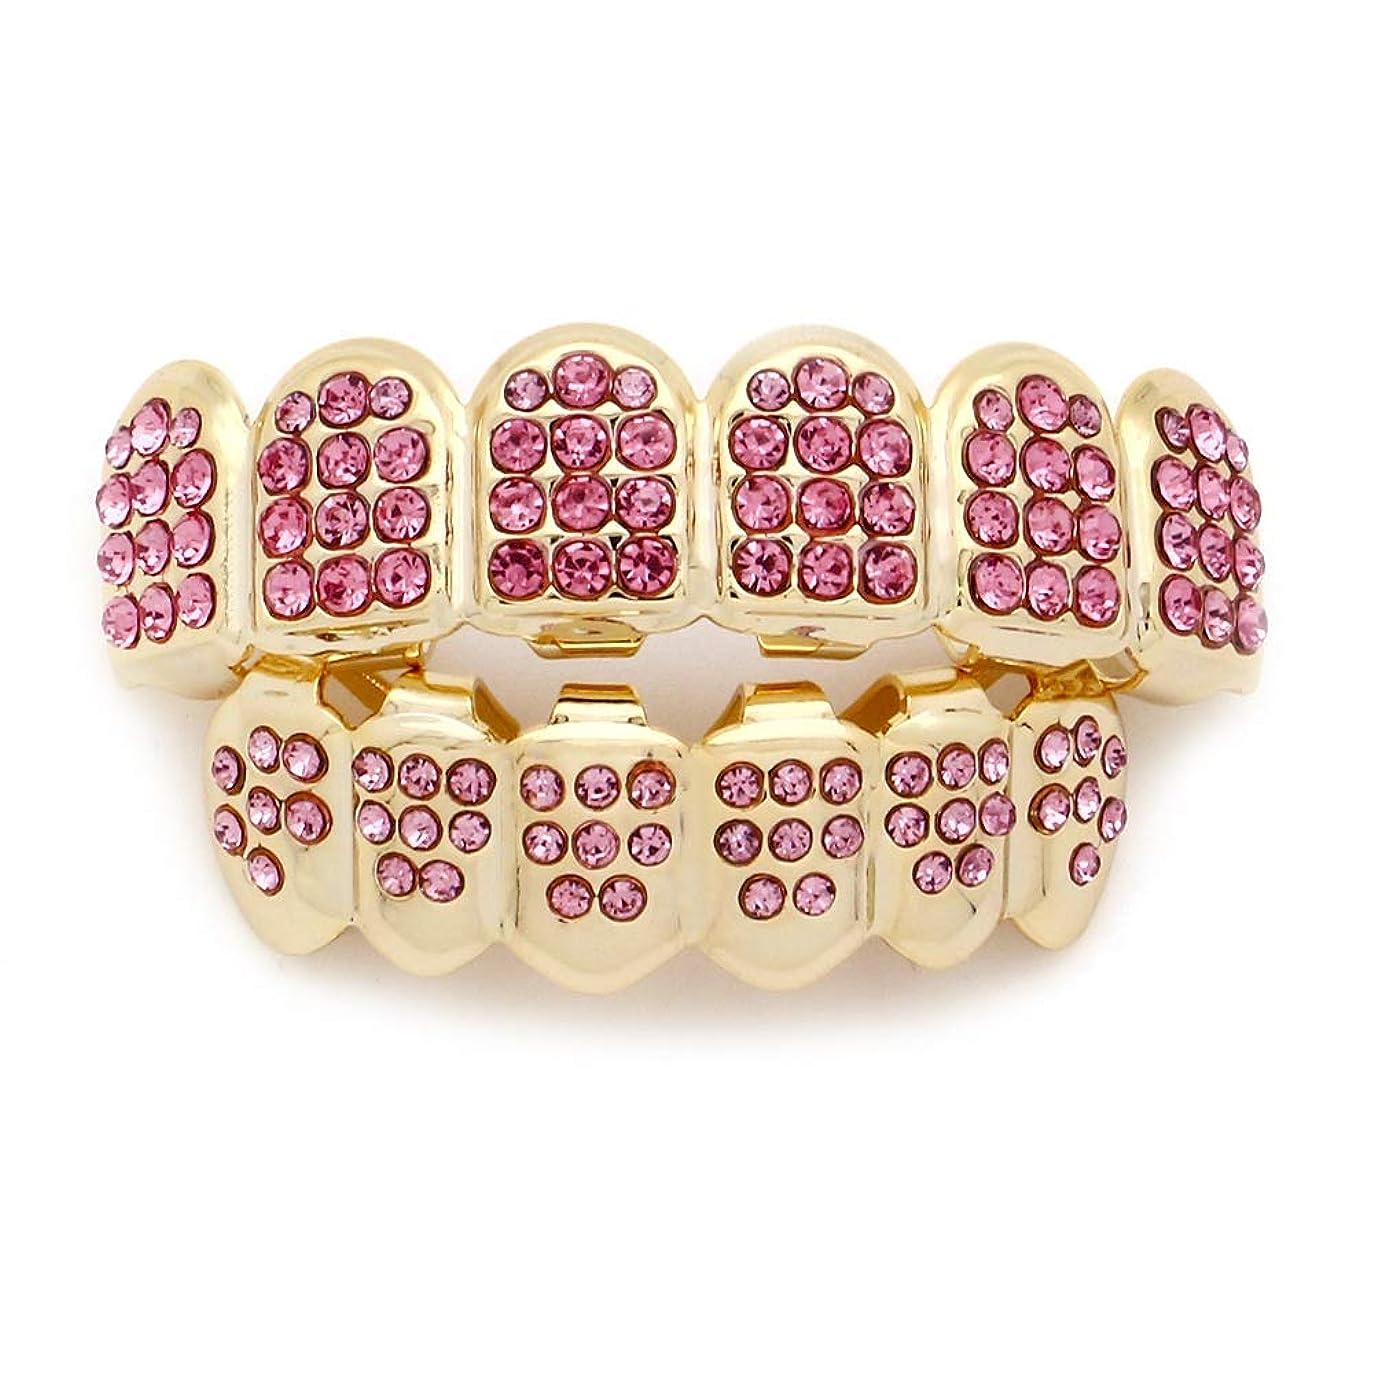 歯車オートメーション保存ダイヤモンドゴールドプレートHIPHOPティースキャップ、ヨーロッパ系アメリカ人INS最もホットなゴールド&ブラック&シルバー歯ブレース口の歯 (Color : Pink)